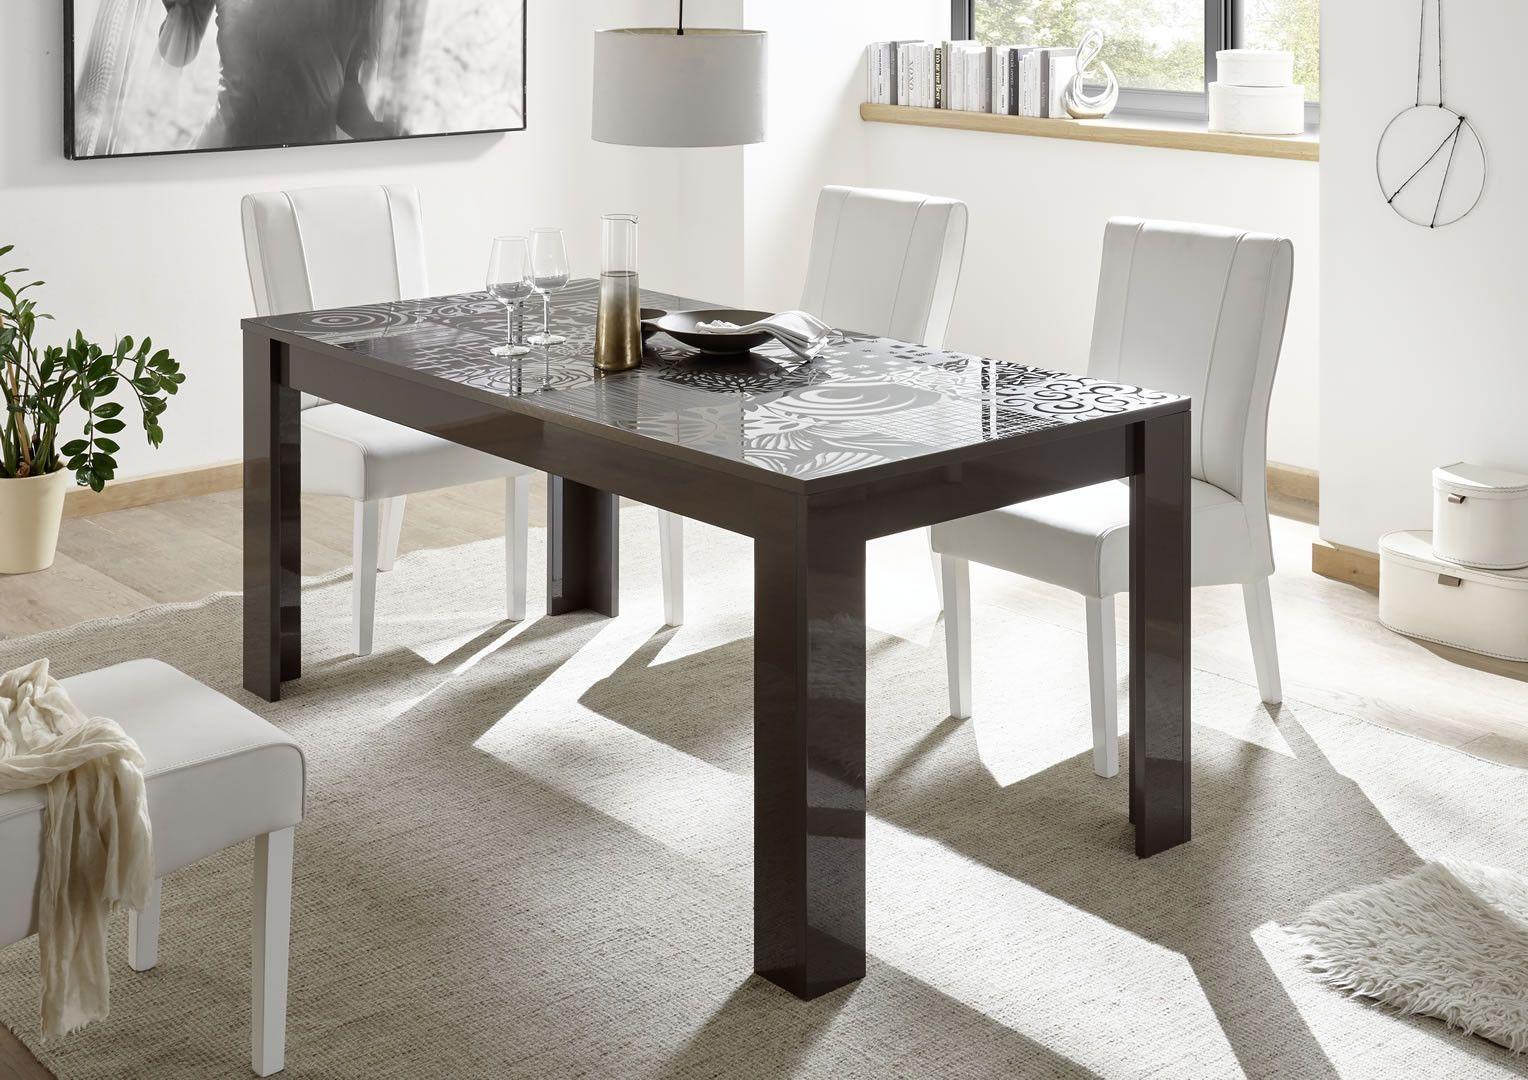 Made in Italy Table de salle à manger design avec sérigraphies gris foncé  laqué brillant Venise 180 cm